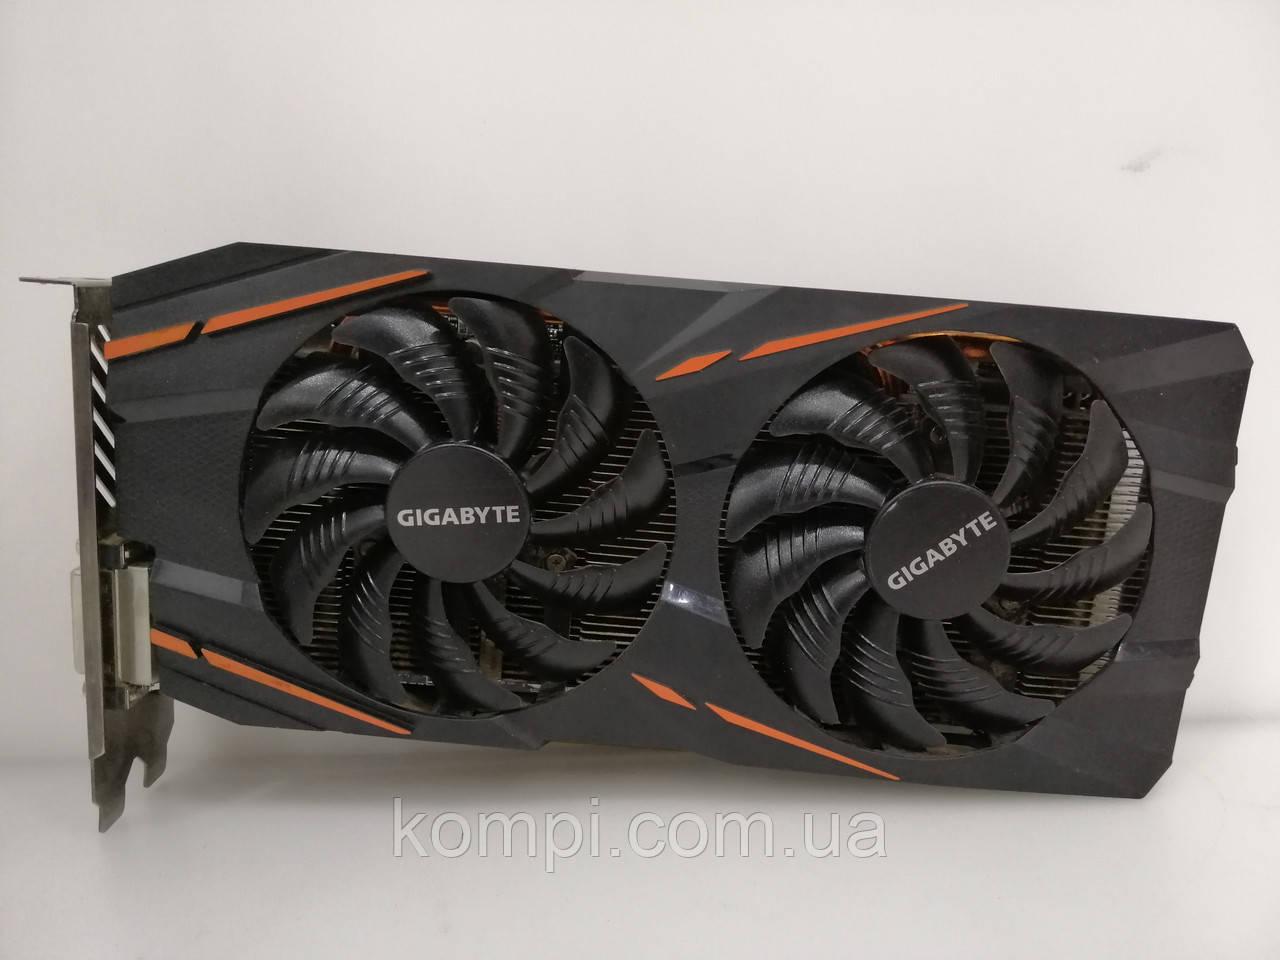 Відеокарта Gigabyte Gaming Radeon™ RX470 4GB / Майнінг